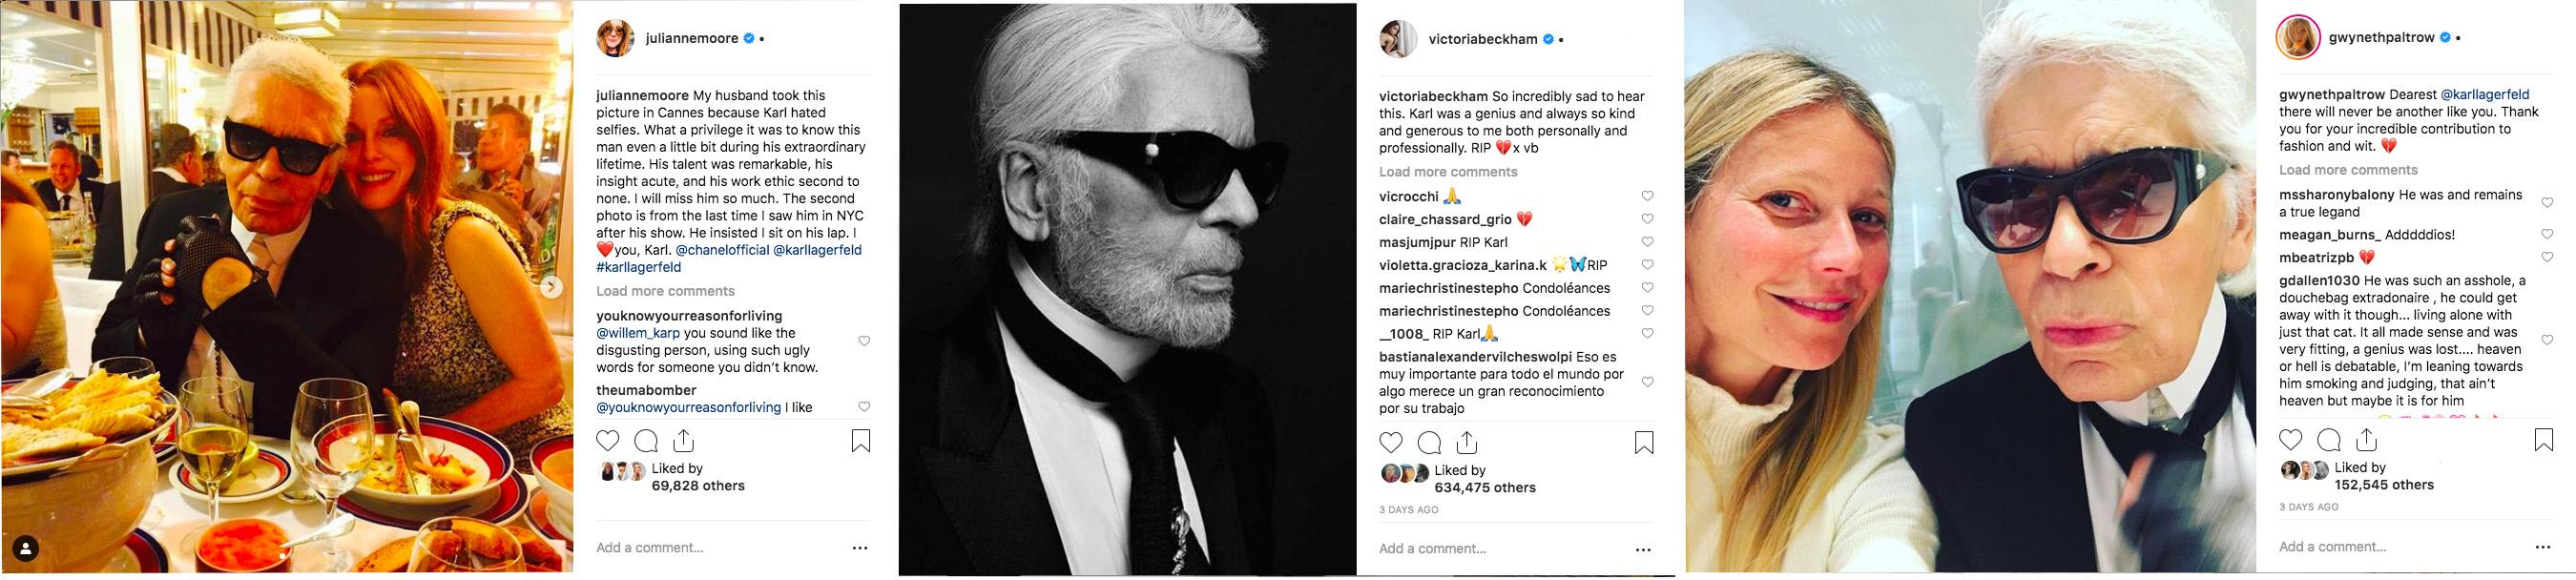 Des célébrités telles comme Julianne Moore, Victoria Beckham et Gwyneth Paltrow ont utilisé Instagram pour faire leurs adieux à Karl Lagerfeld, décédé le mardi 19 février 2019